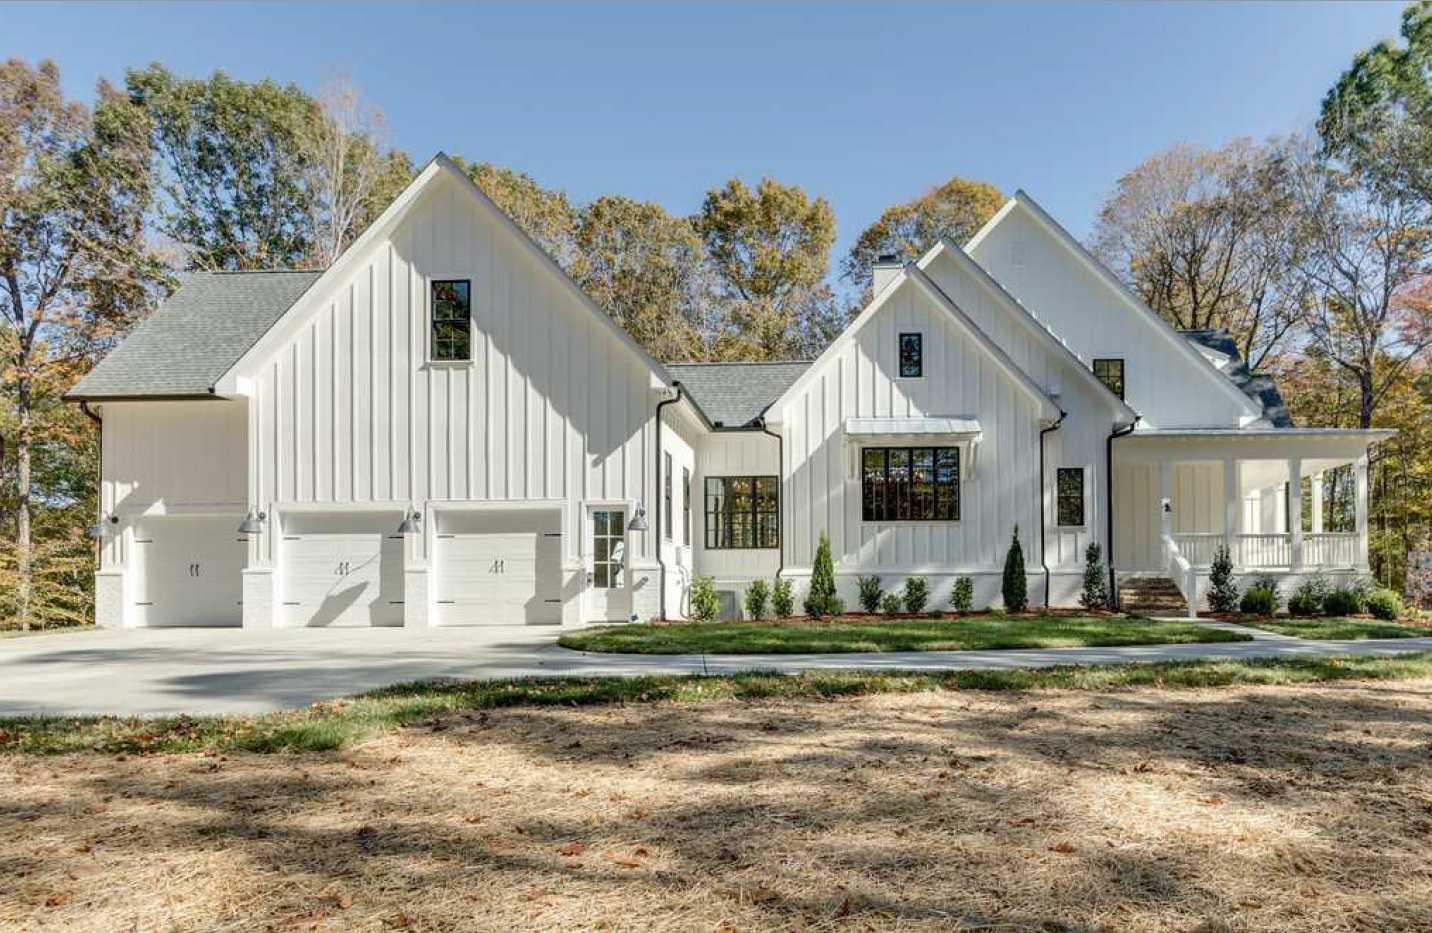 $2,590,000 - 6Br/6Ba -  for Sale in Traceland Est, Franklin